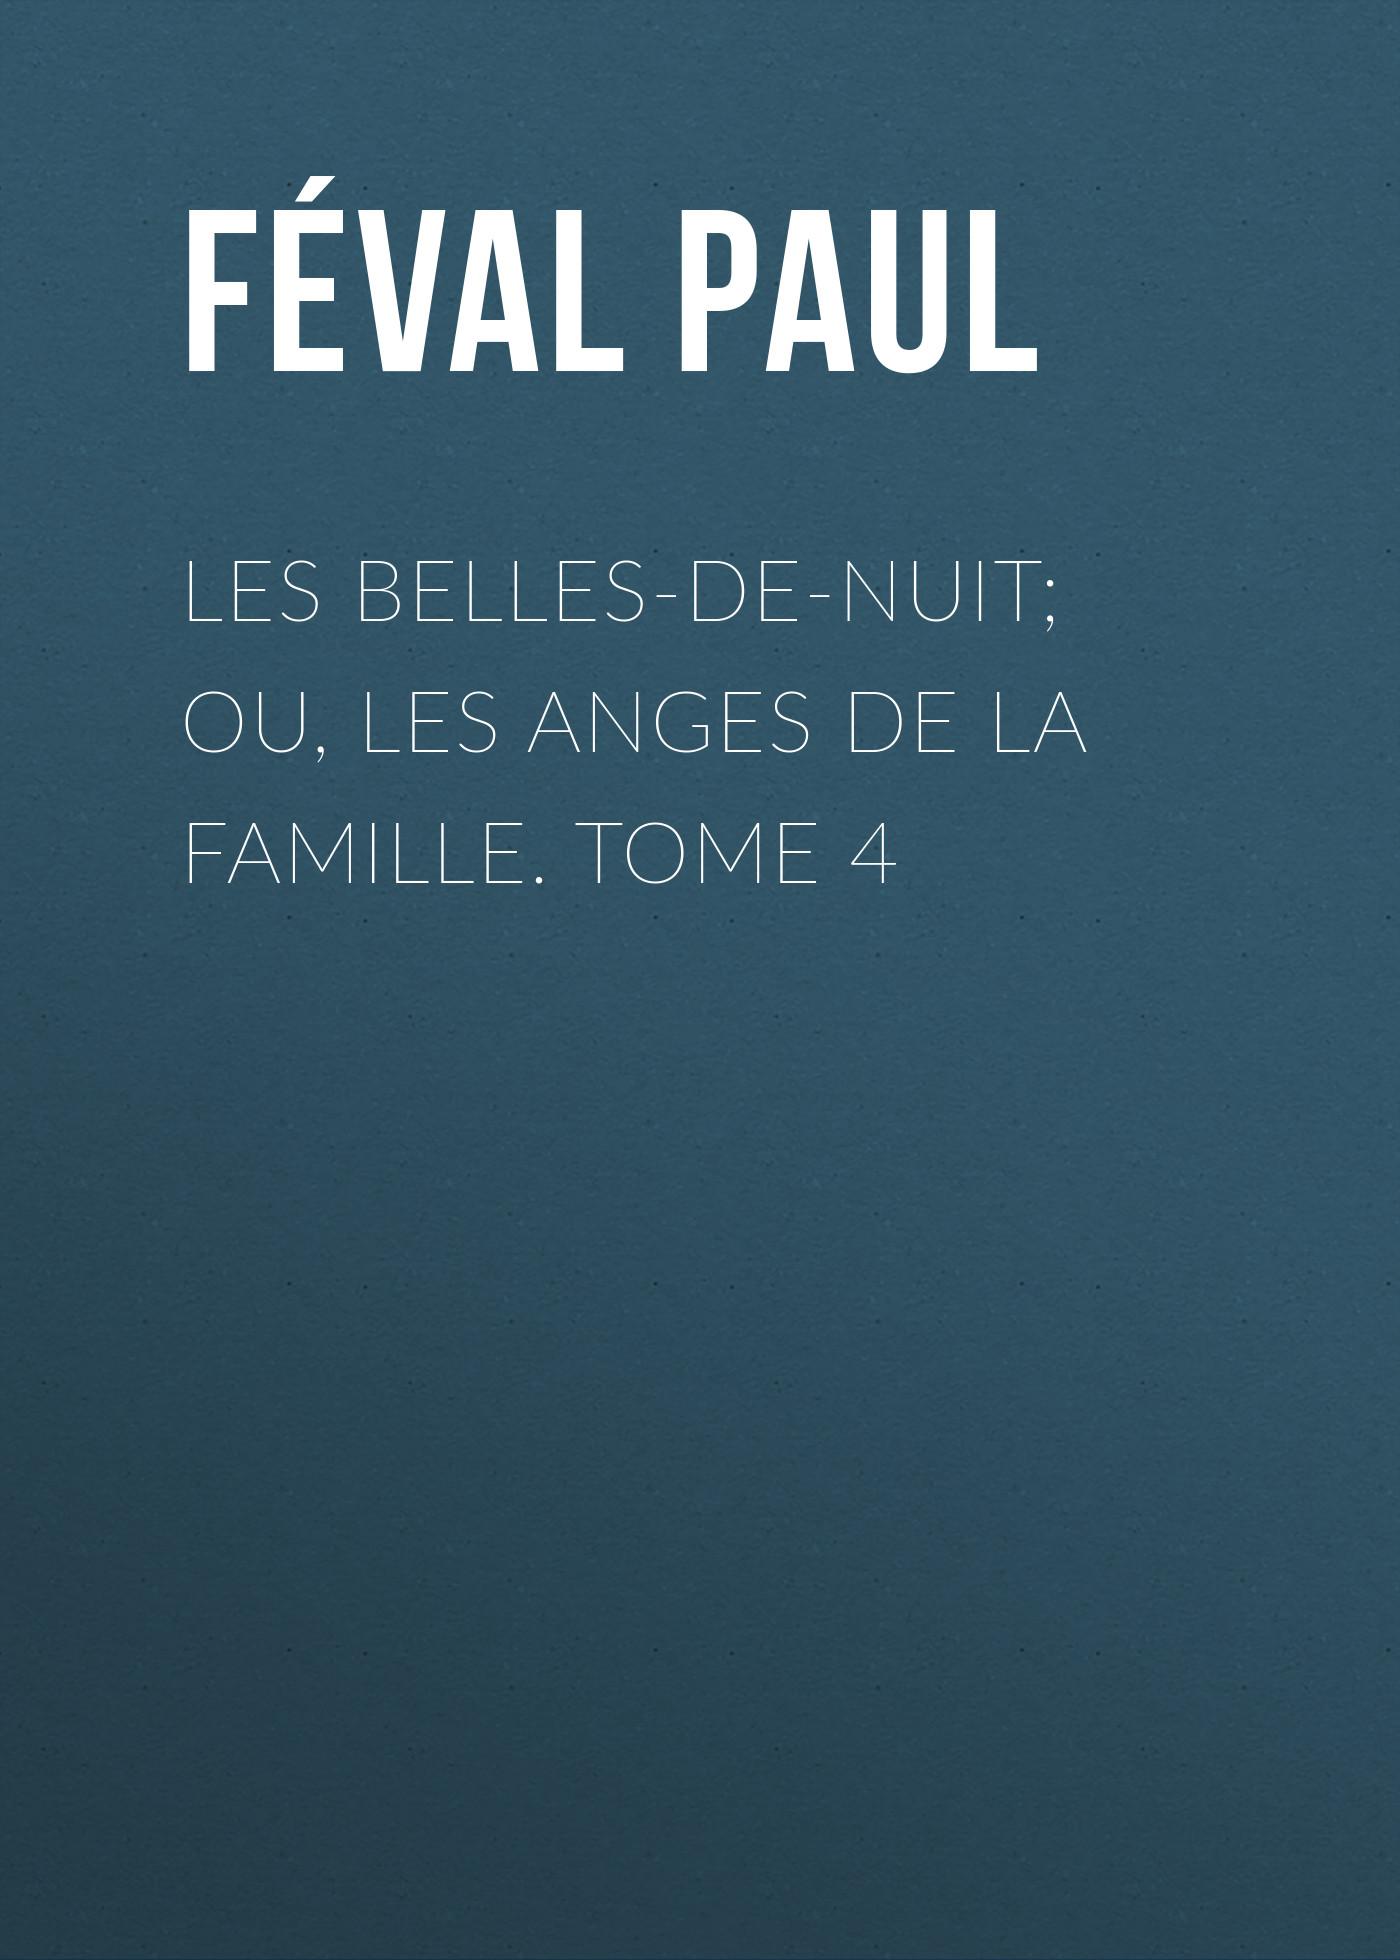 Féval Paul Les belles-de-nuit; ou, les anges de la famille. tome 4 féval paul les belles de nuit ou les anges de la famille tome 3